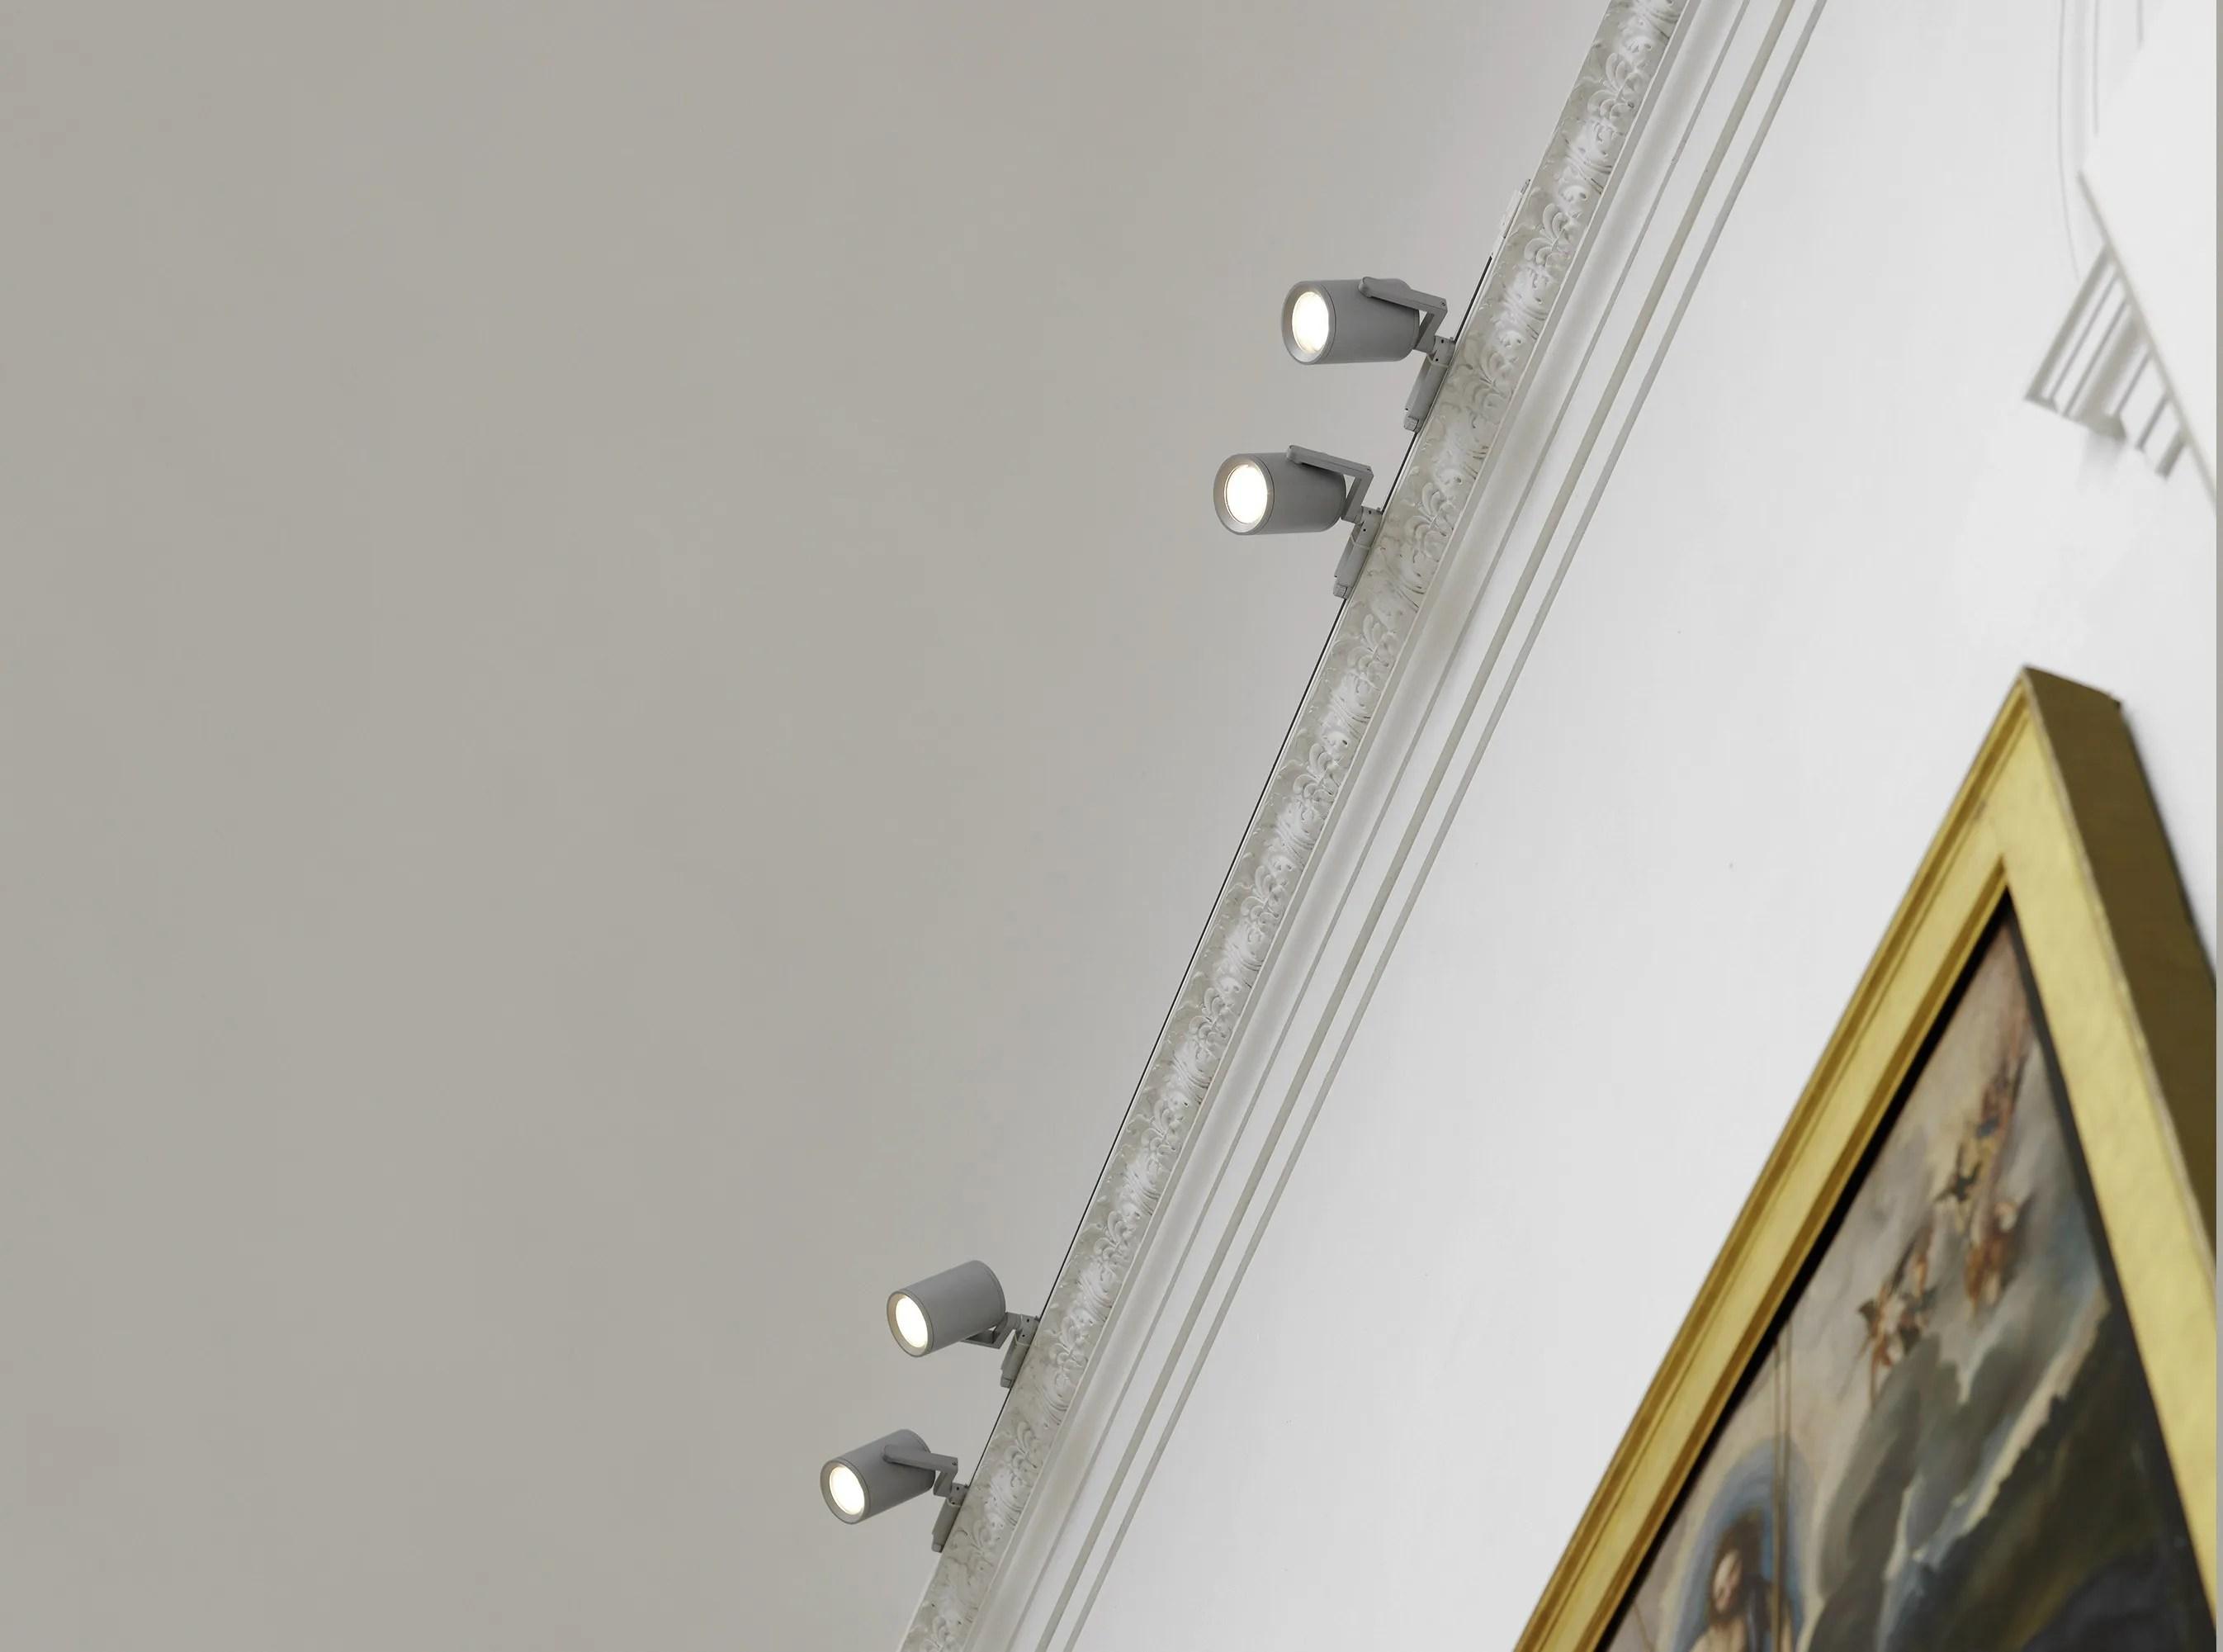 Binari elettrificati per illuminazione progetti contemplation